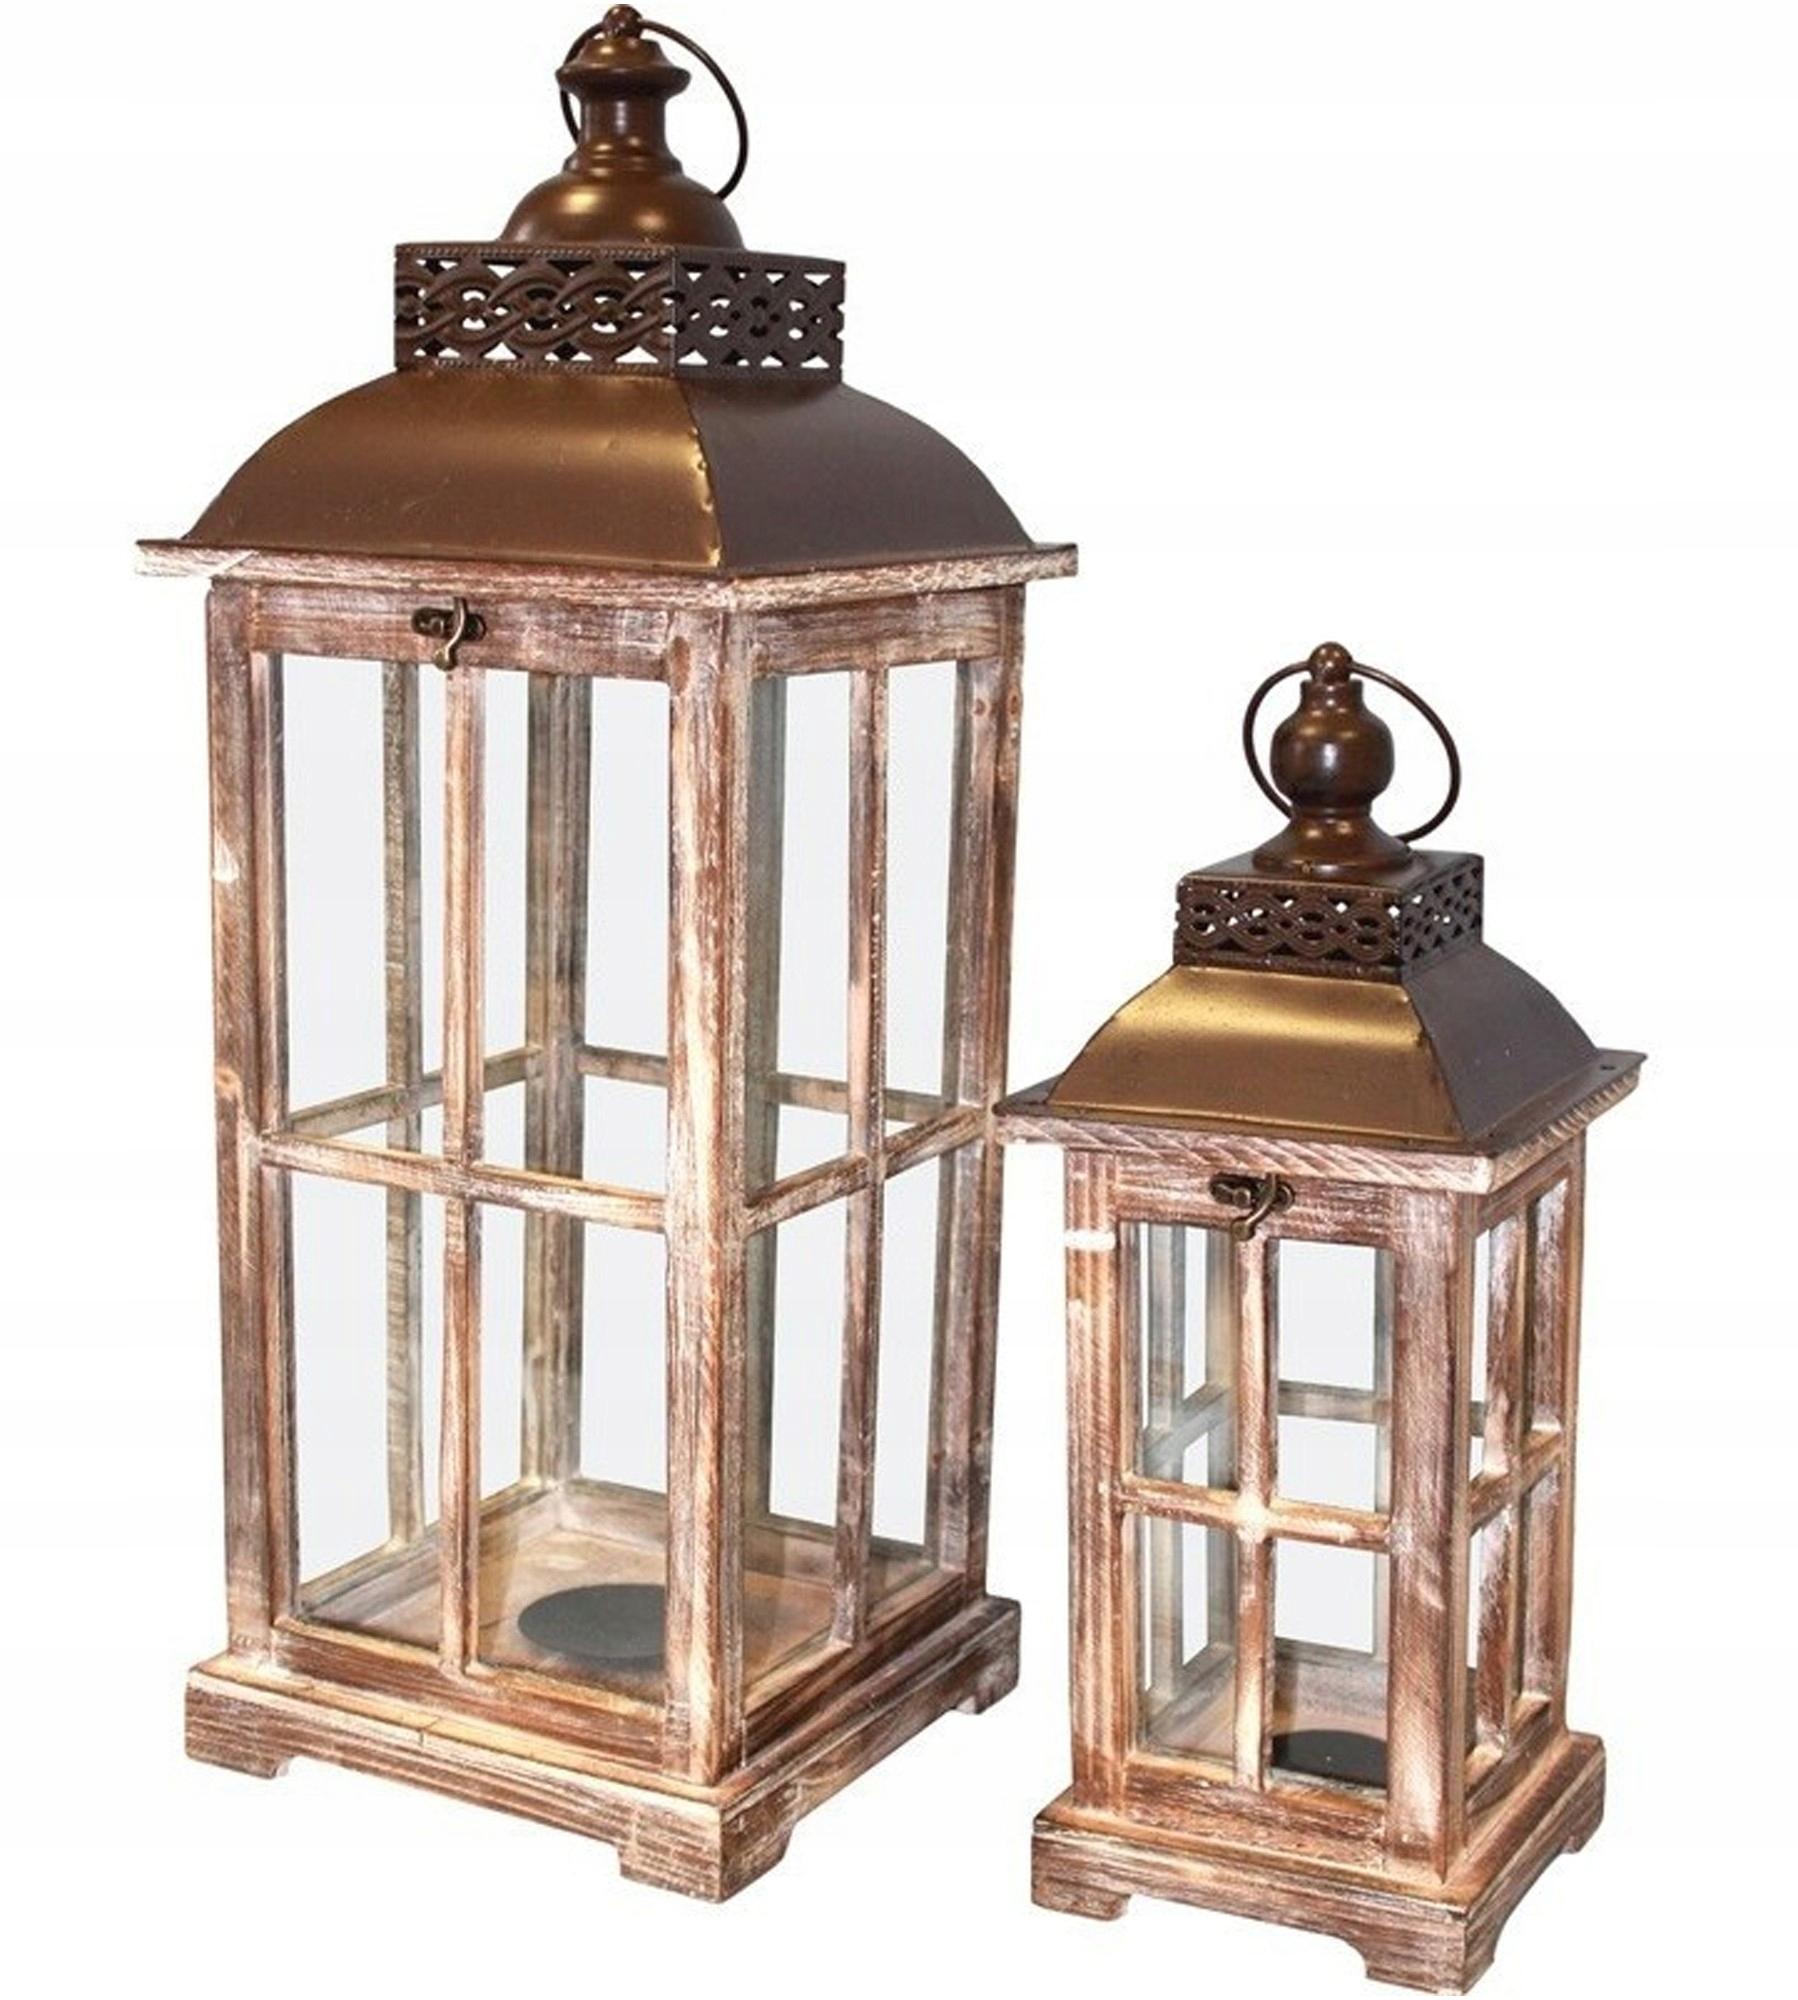 Svietidlá svietidla drevené hnedé nastaviť. 2 ks retro